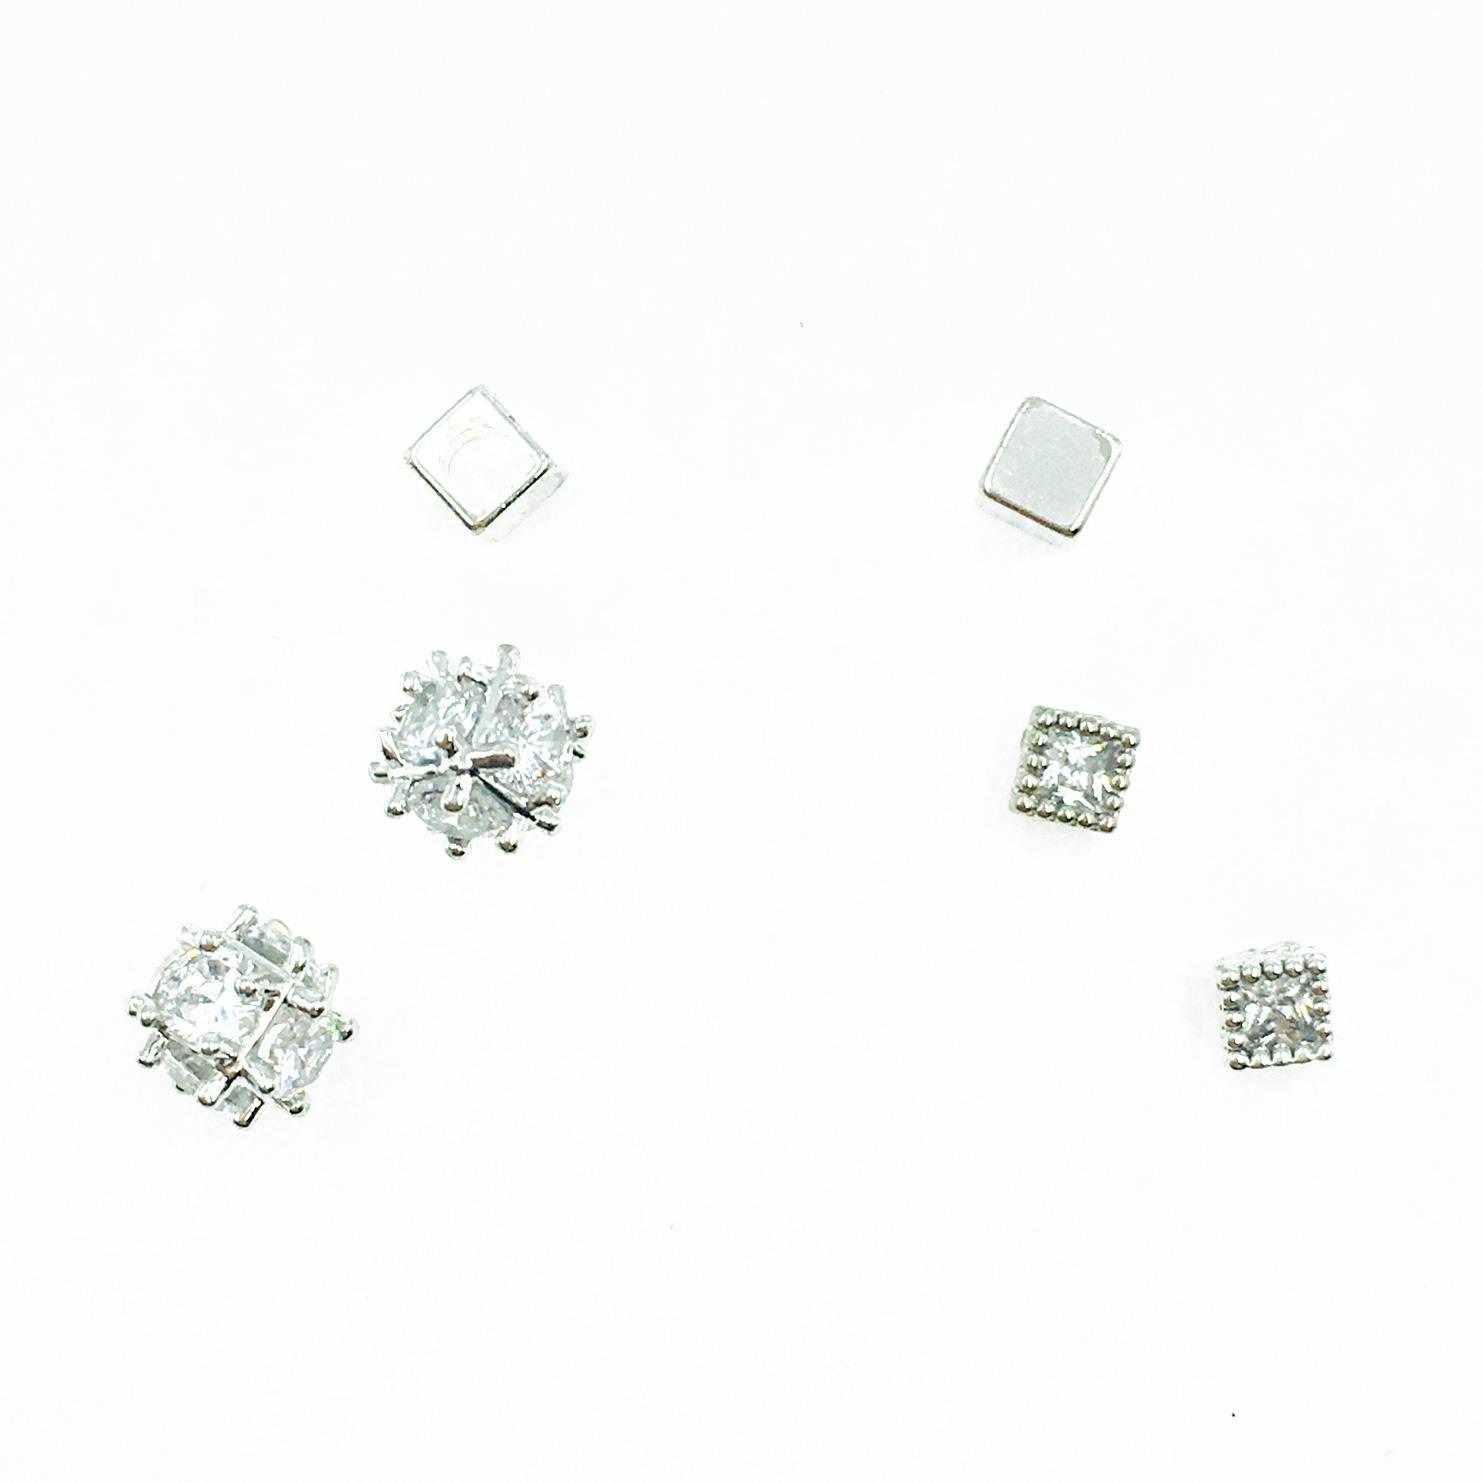 韓國 925純銀 金屬方塊 水鑽 單鑽 多入組 耳針式耳環